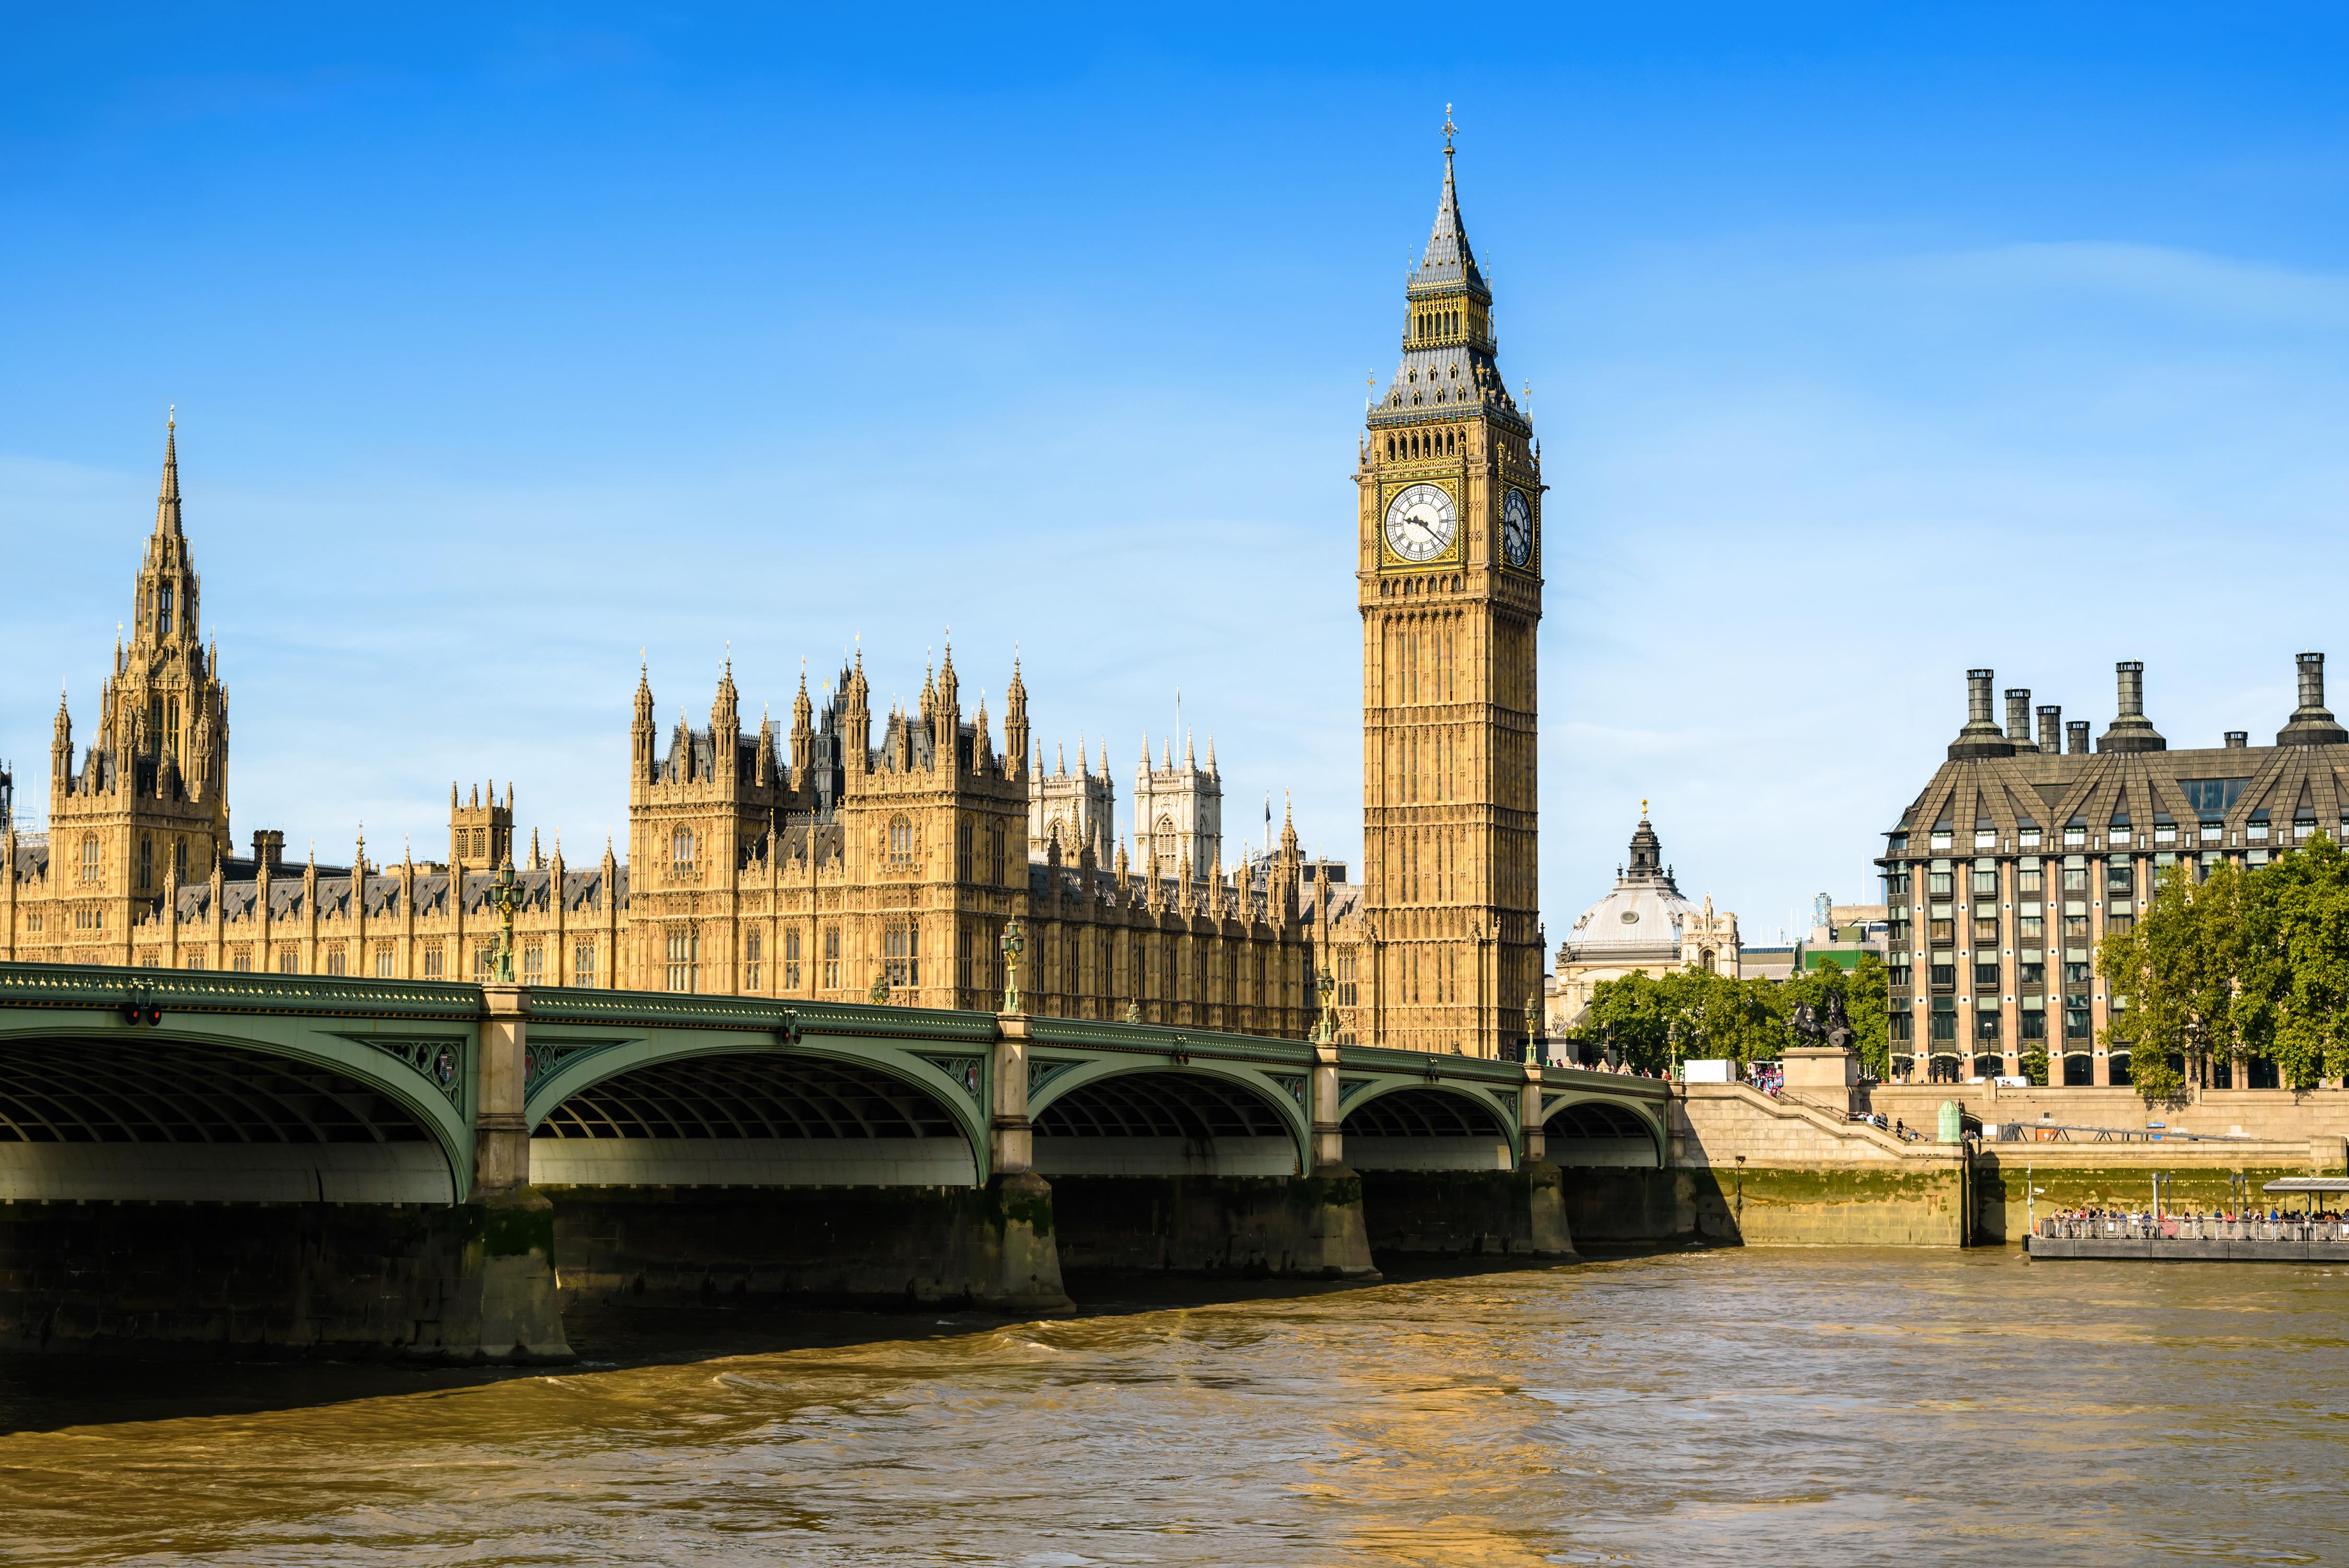 Webinarium: Współpraca z Wielką Brytanią po Brexit, 21 stycznia godz. 11:30 – 13:00